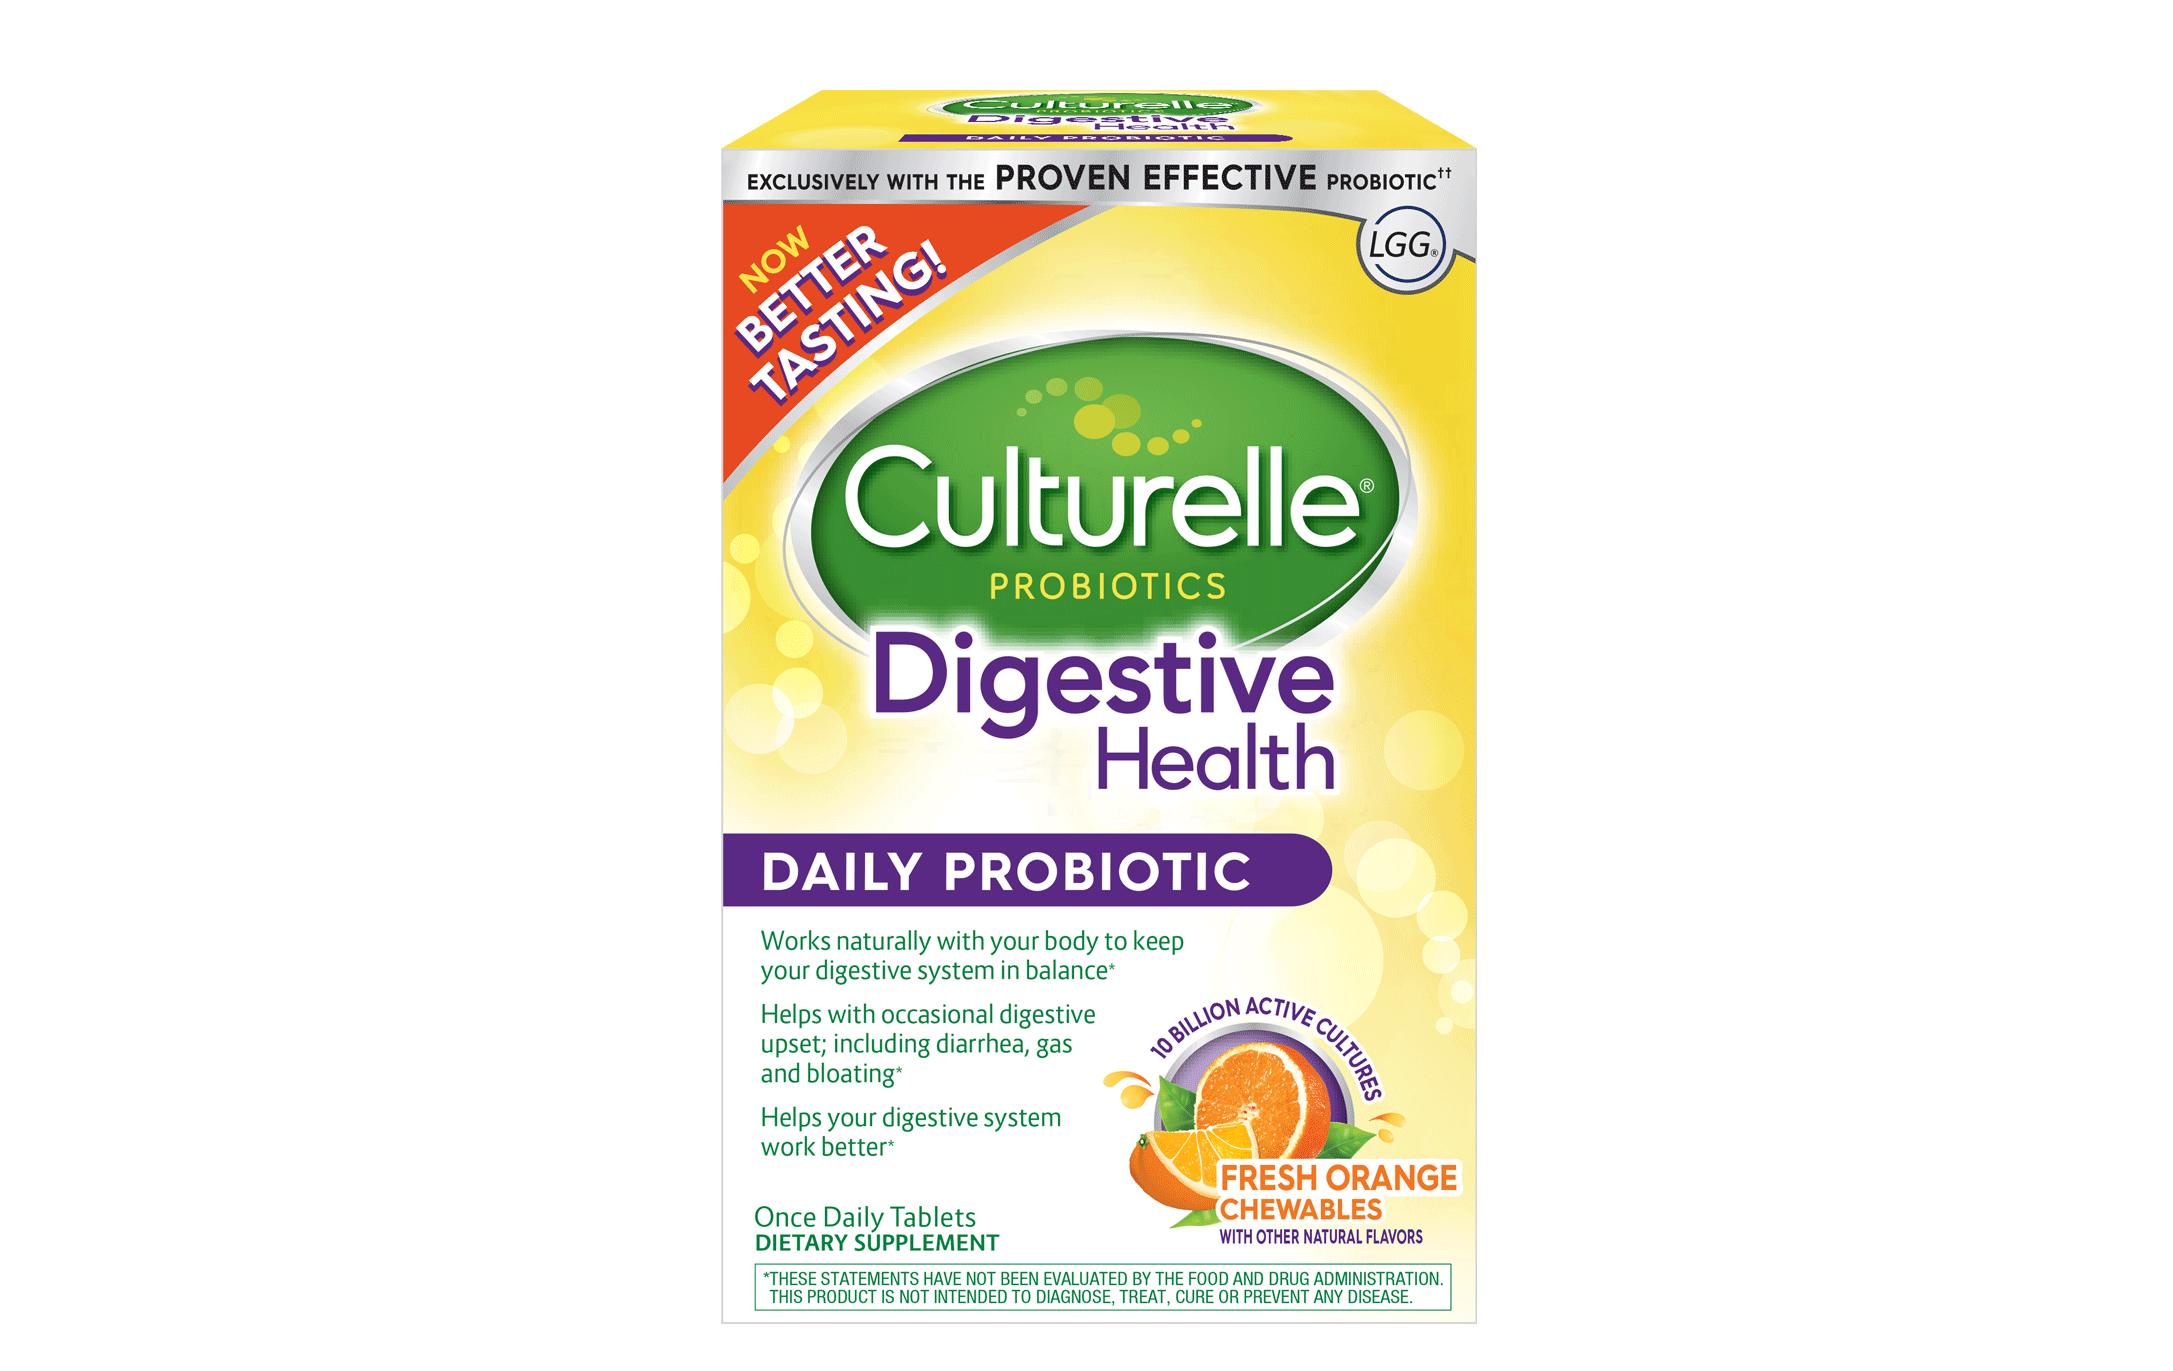 Culturelle® Probiotics Digestive Health Daily Probiotic Fruit Chewables